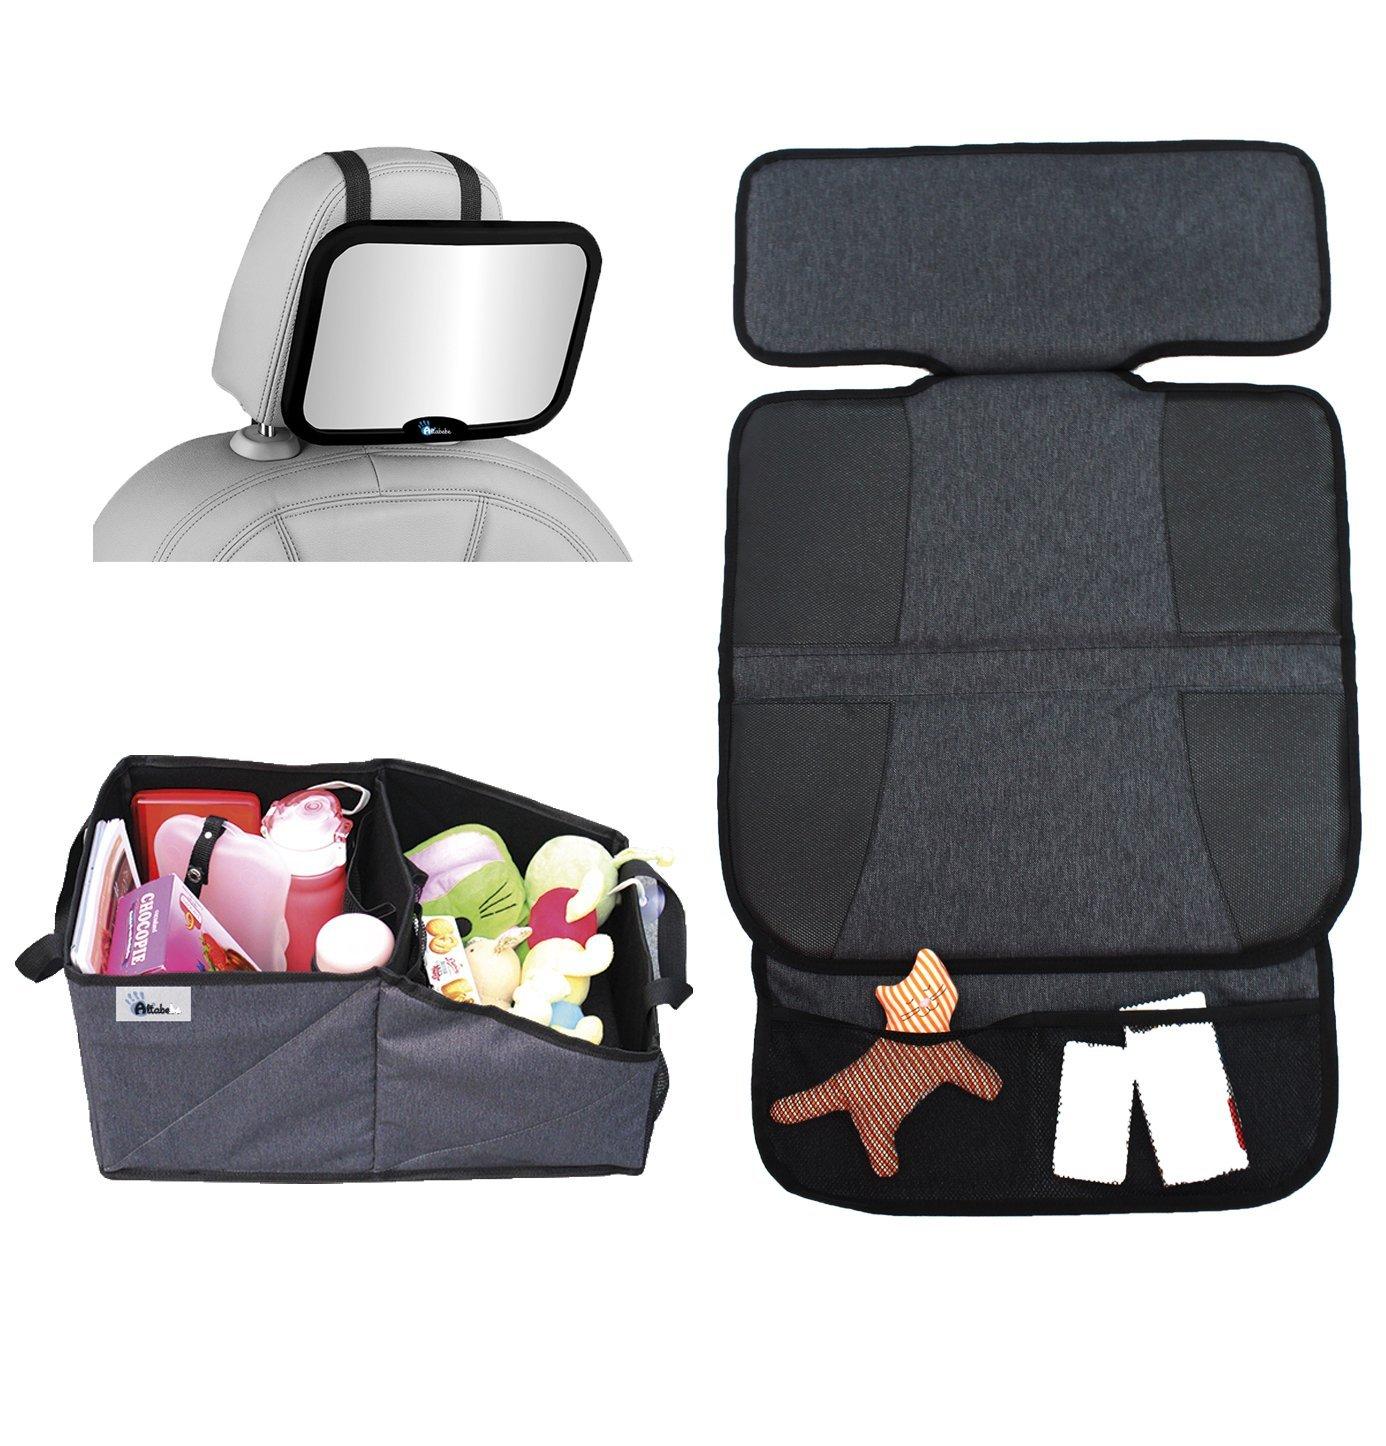 Комплект для поездок: зеркало на спинку, защитный коврик на сиденья и органайзер для автокресла фото